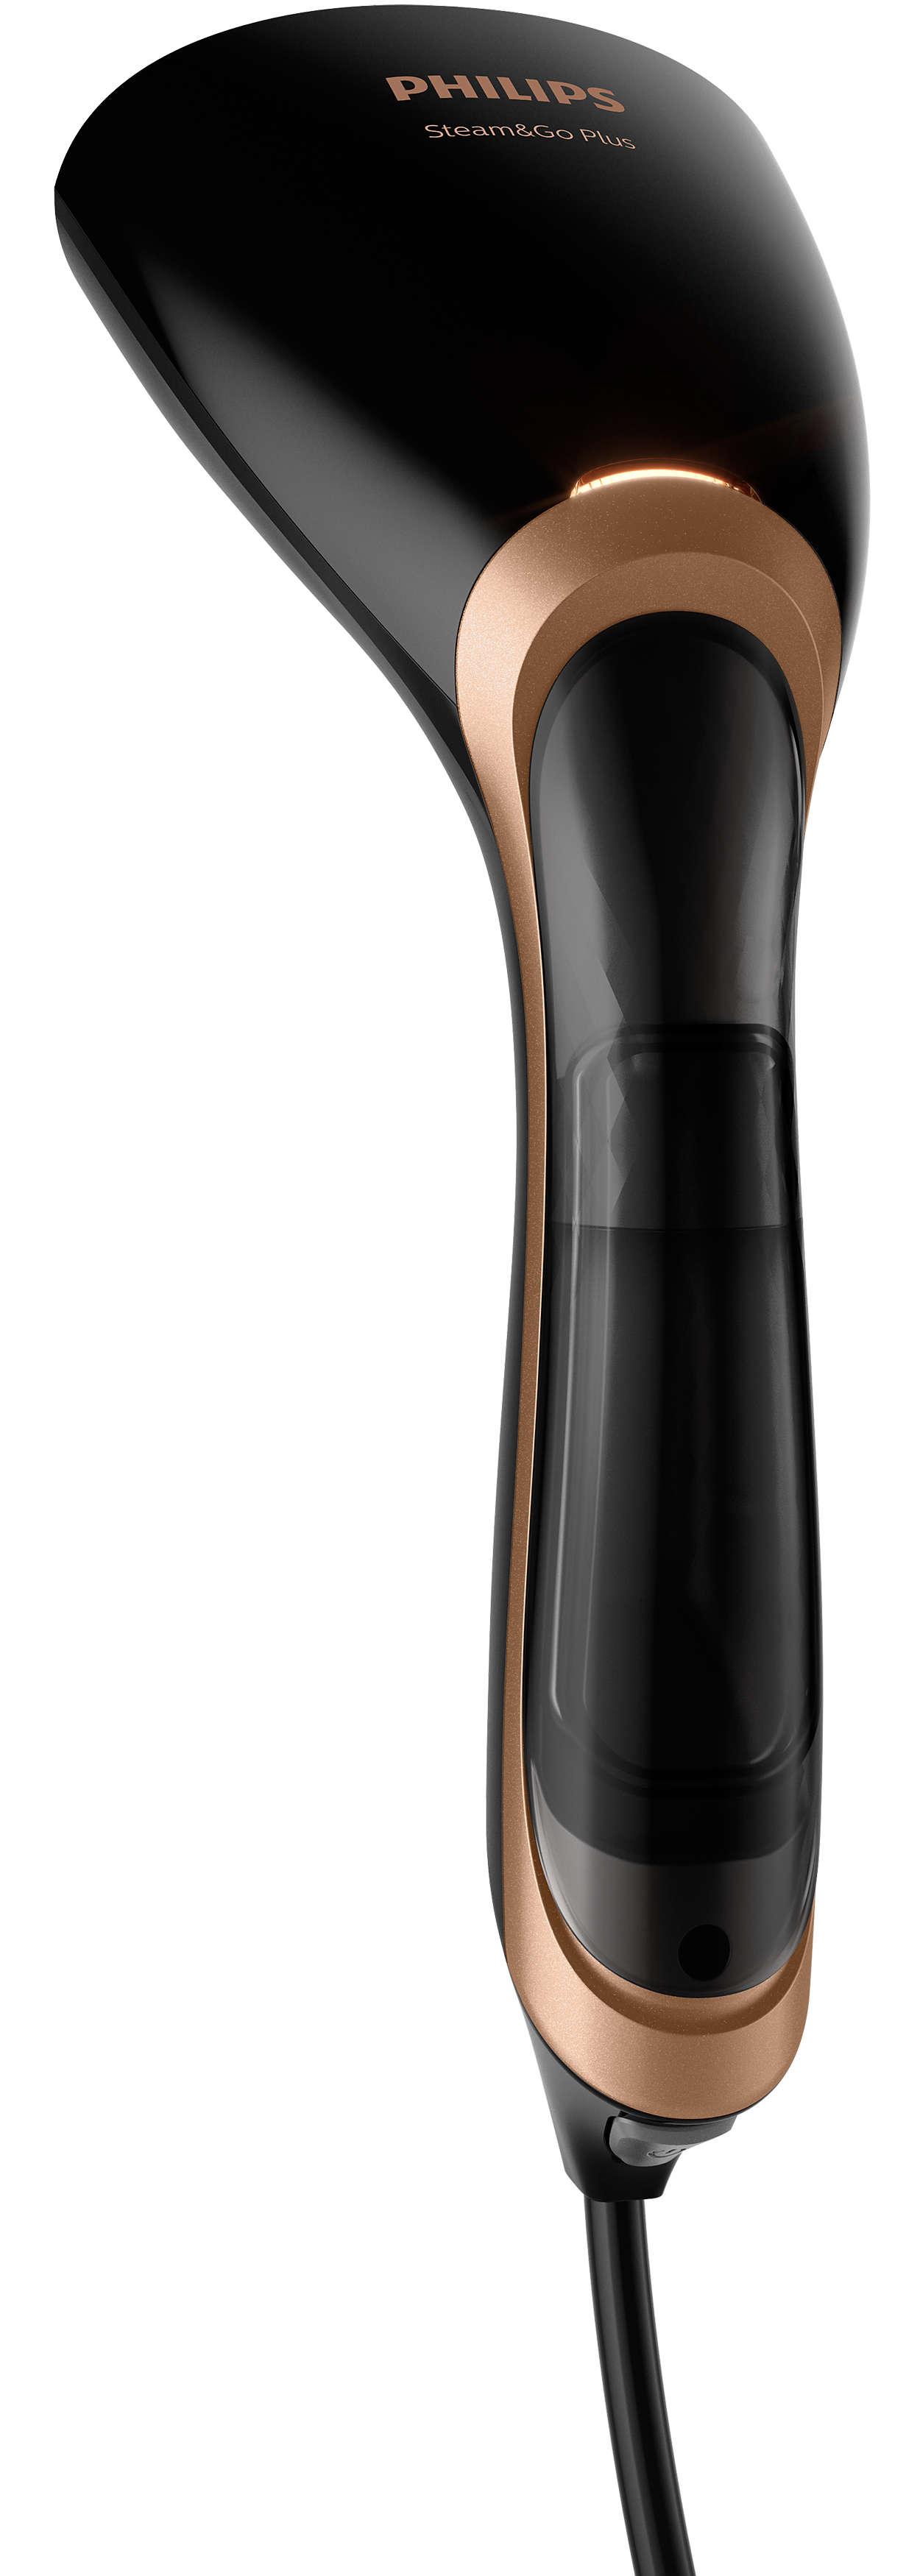 Kompaktna rešitev za enostavno glajenje gub